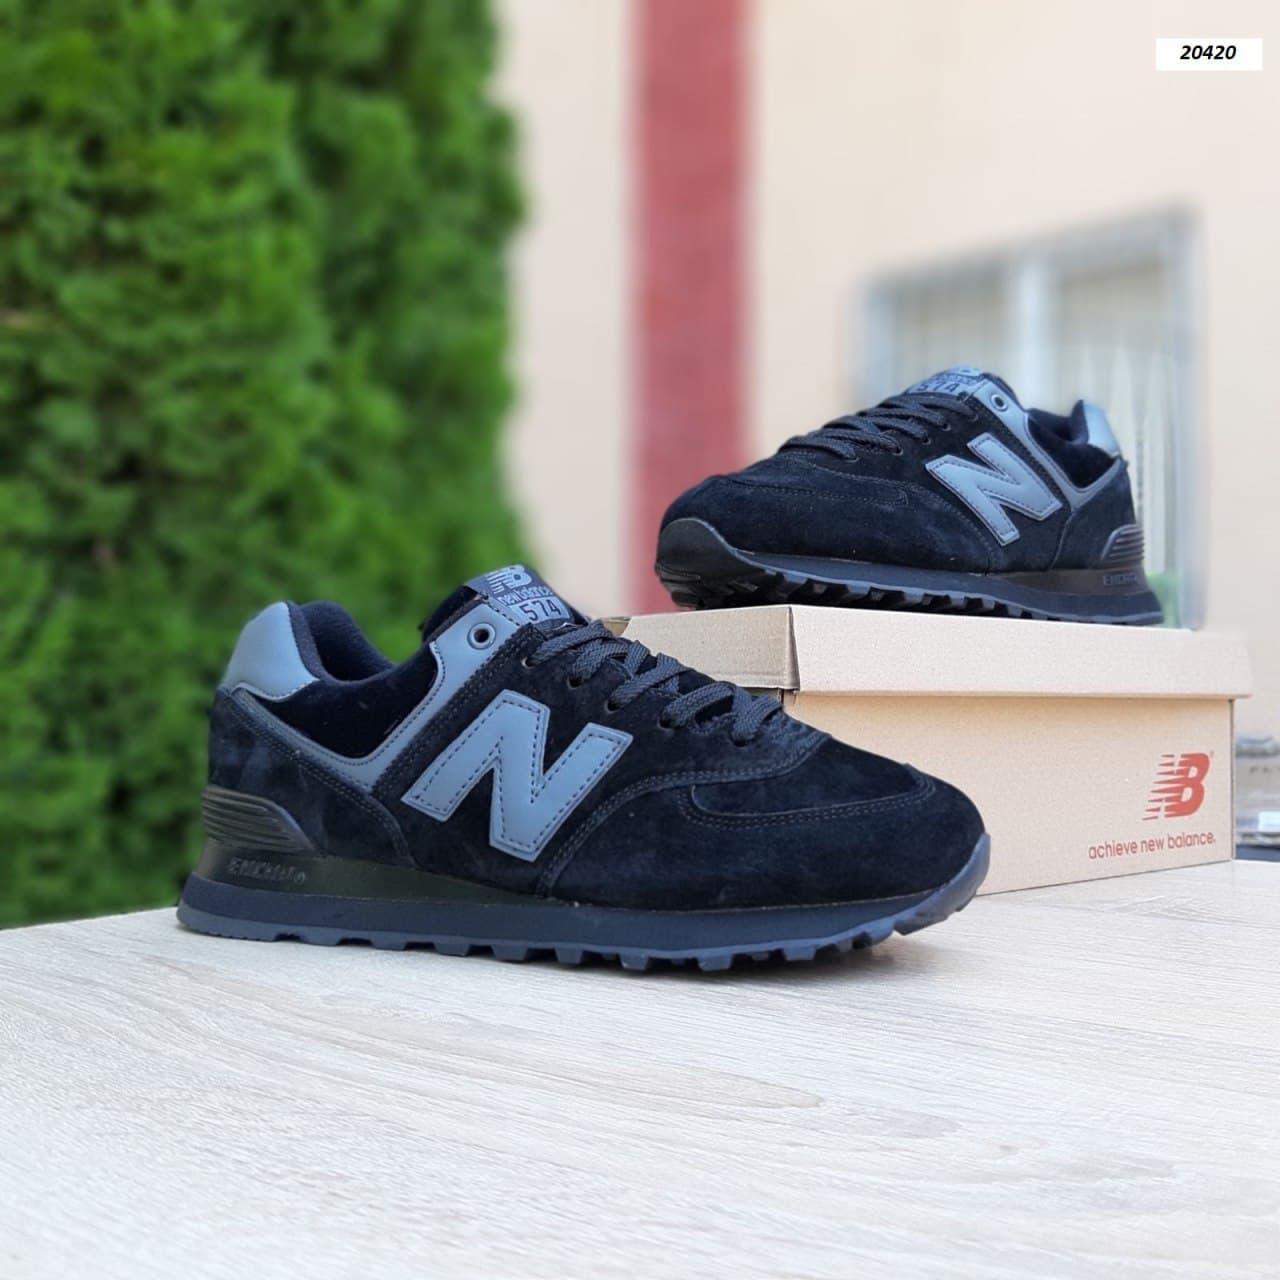 Жіночі кросівки New Balance 574 (чорні з сірим) О20420